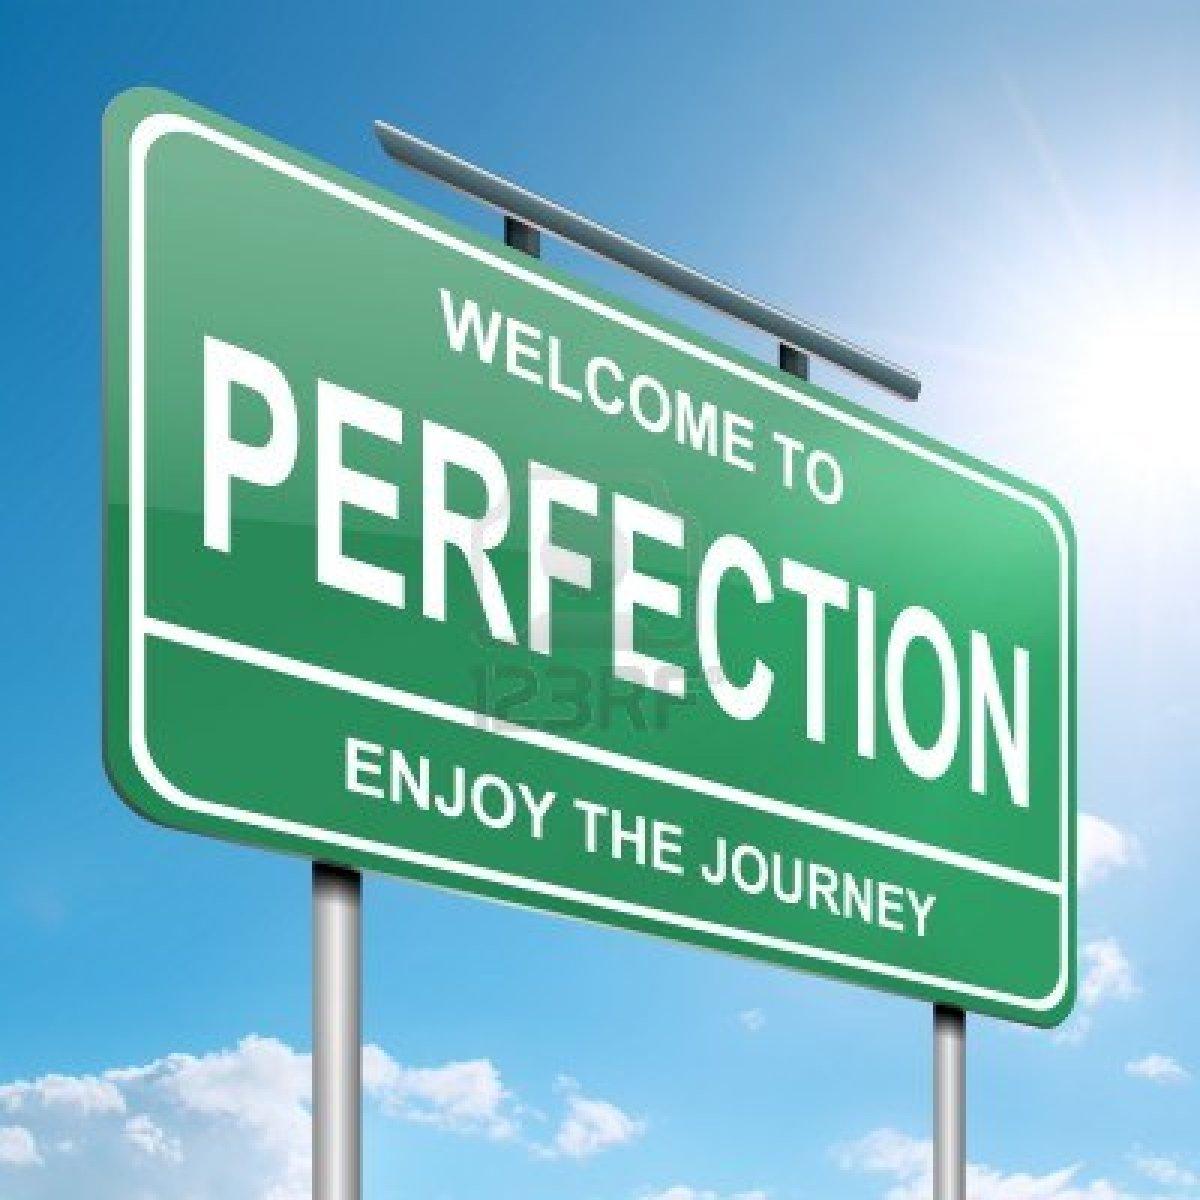 the pursuit of perfection The pursuit of perfect: how to stop chasing perfection and start living a richer, happier life   tal ben-shahar   isbn: 9780071608824   kostenloser versand für alle bücher mit versand und verkauf duch amazon.